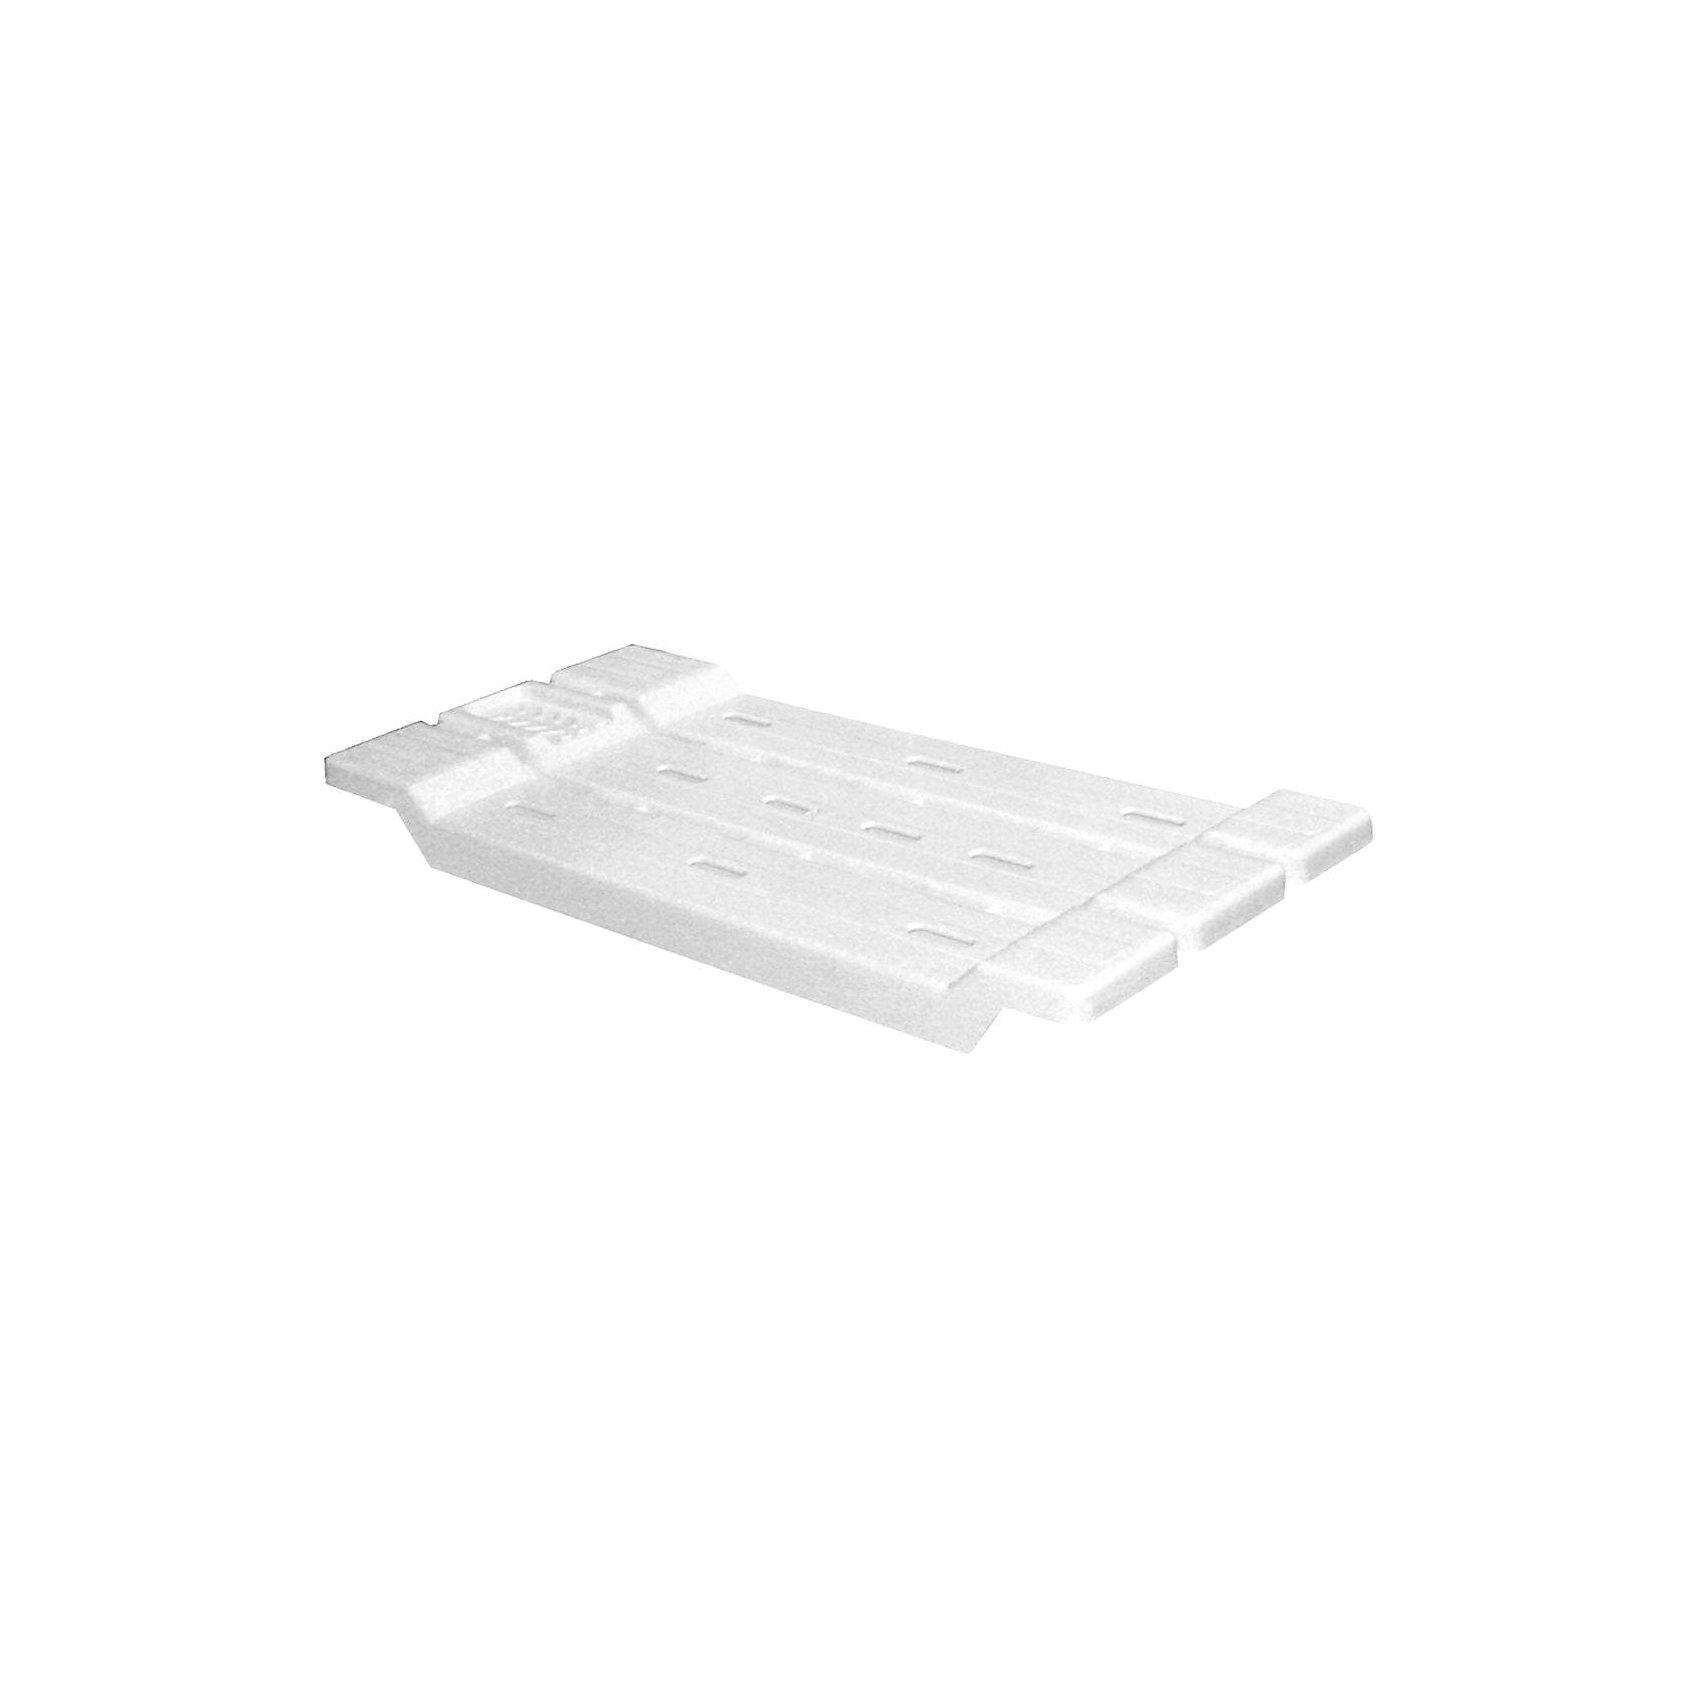 Полка для ванной (сиденье), Alternativa, белый